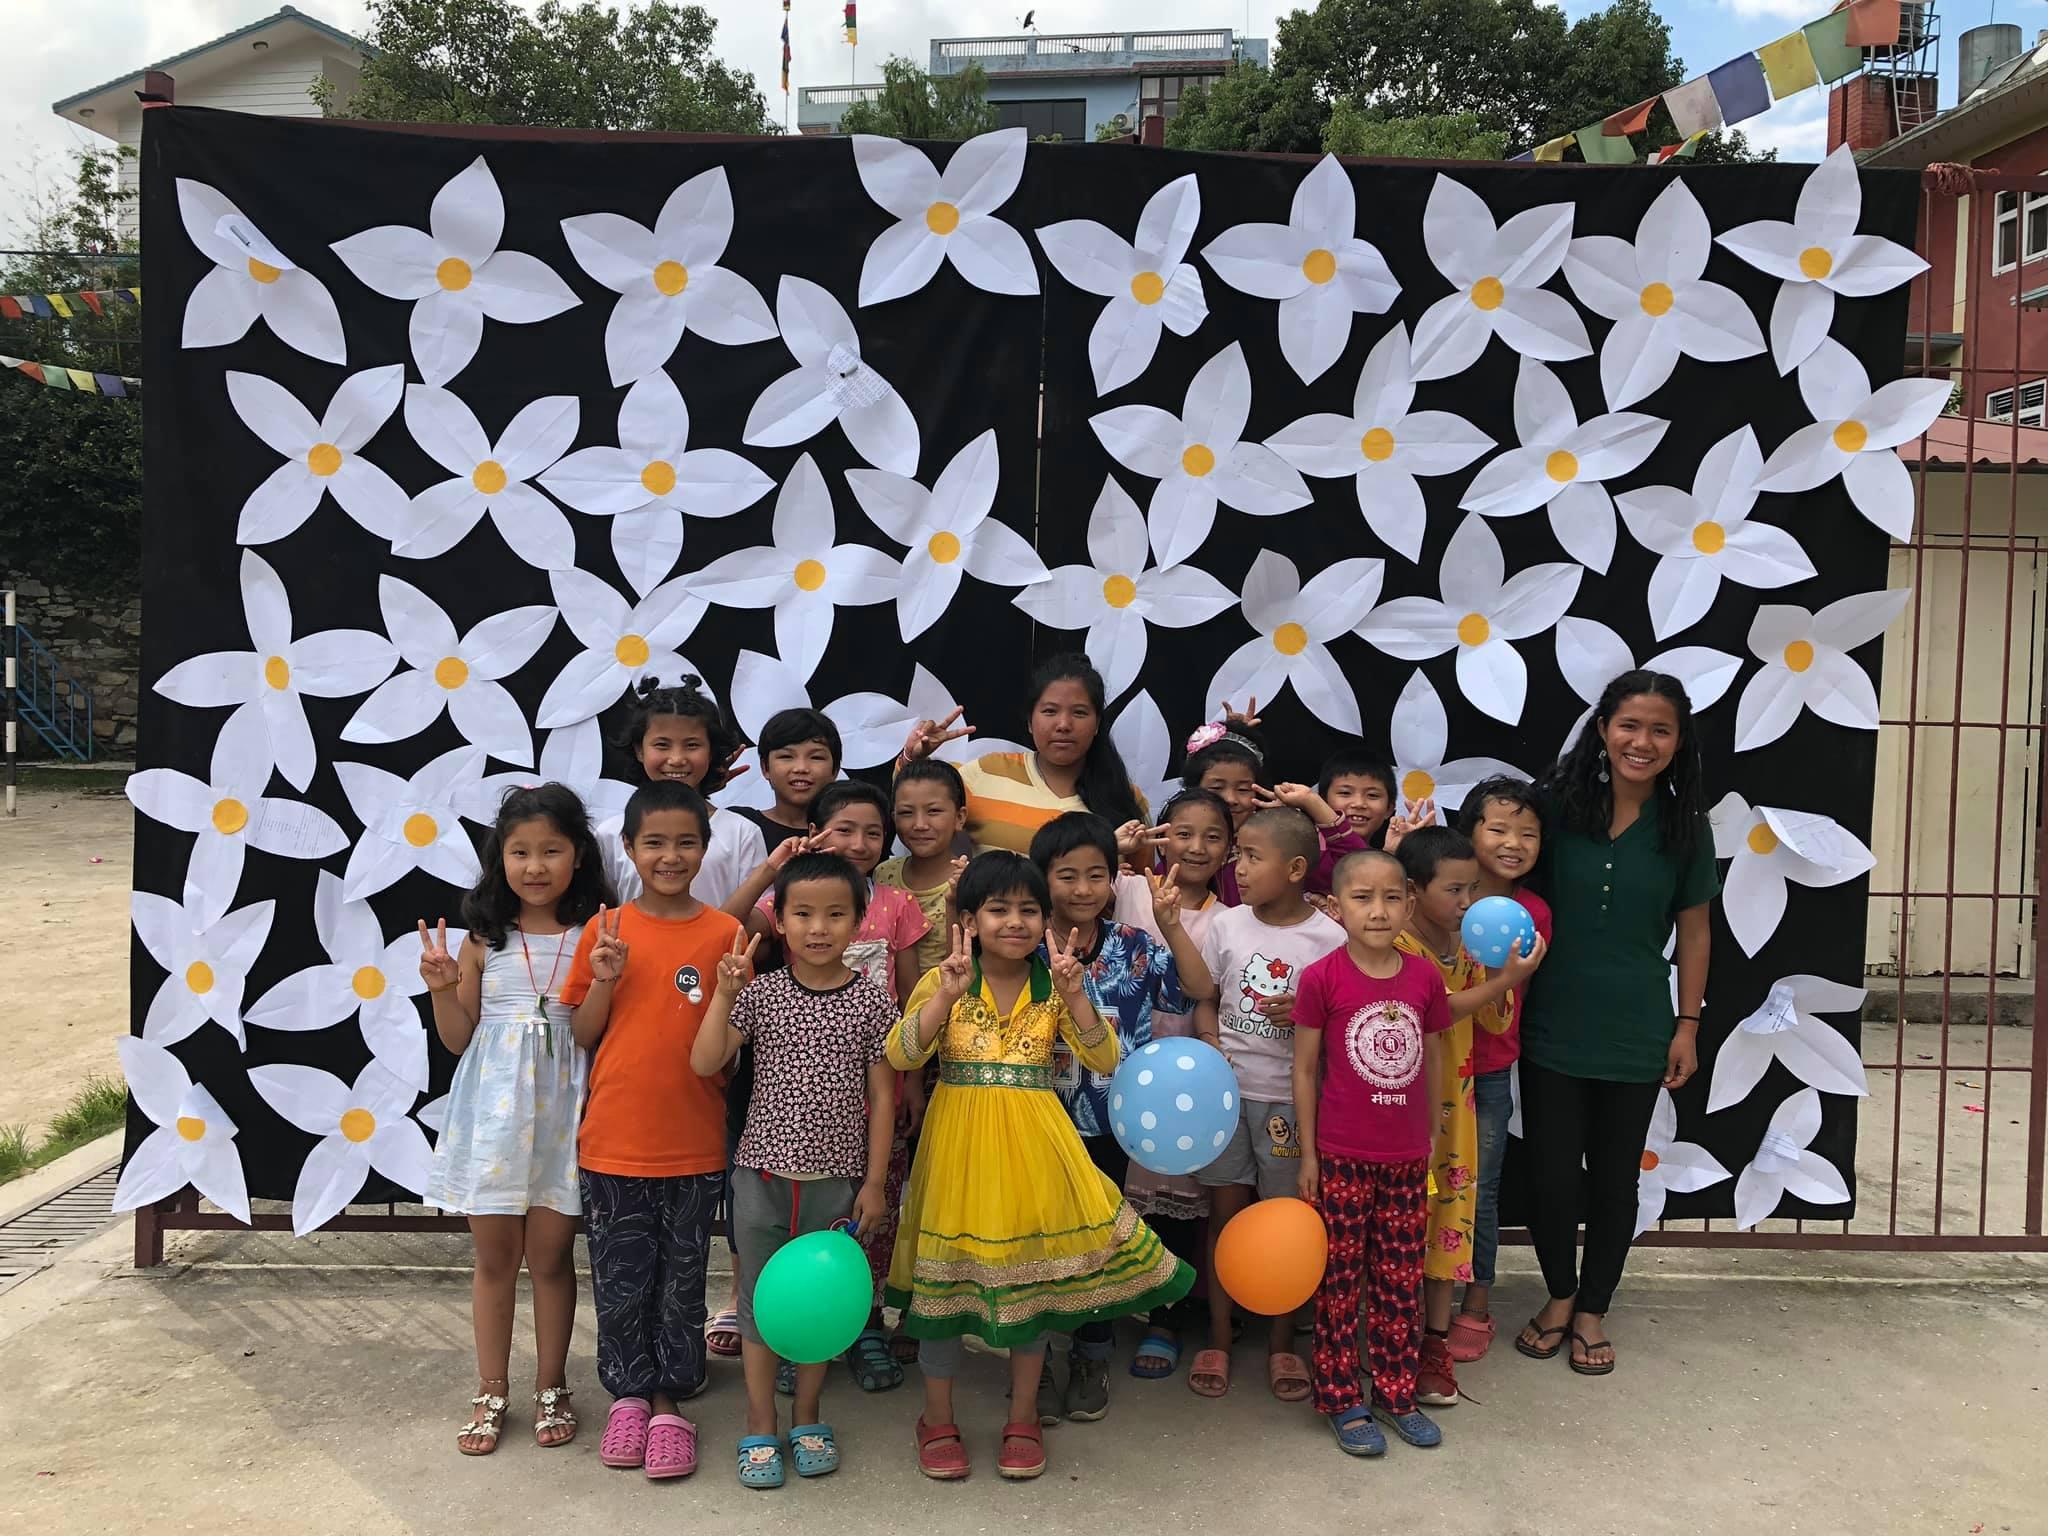 SMD Childrens Day